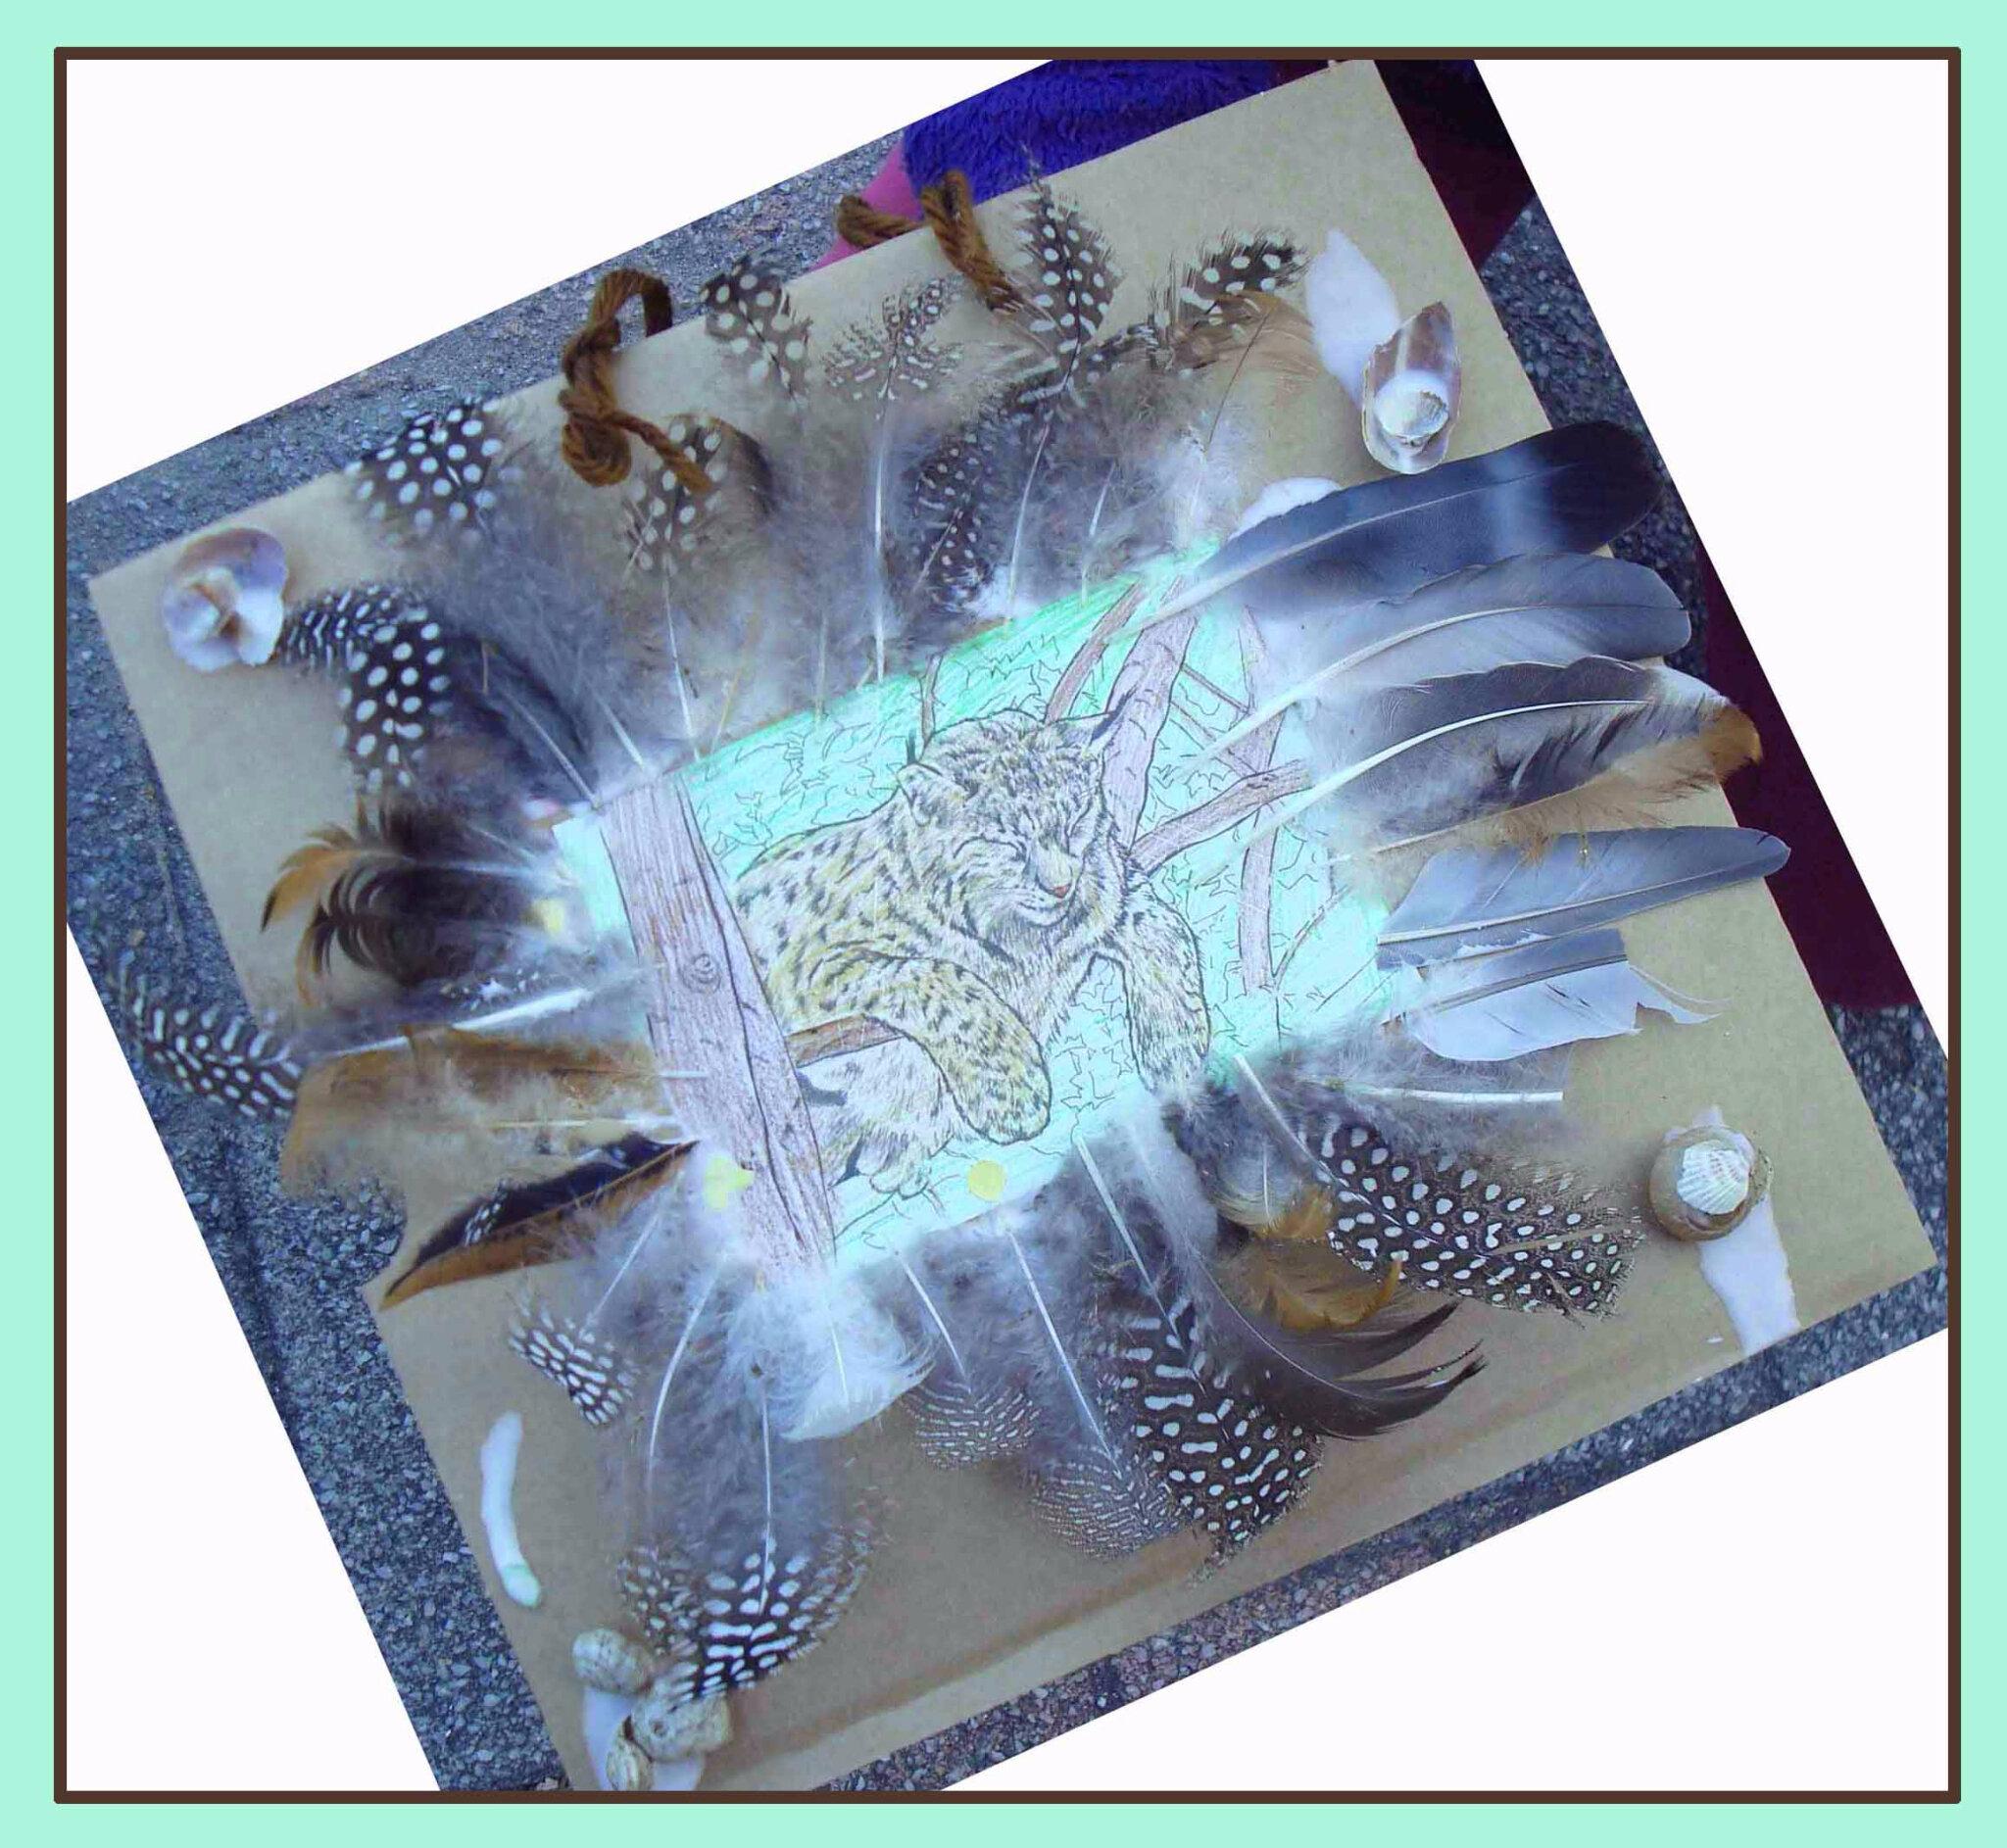 Tableau enfant lynx - Festival des prédateurs Jura 2015